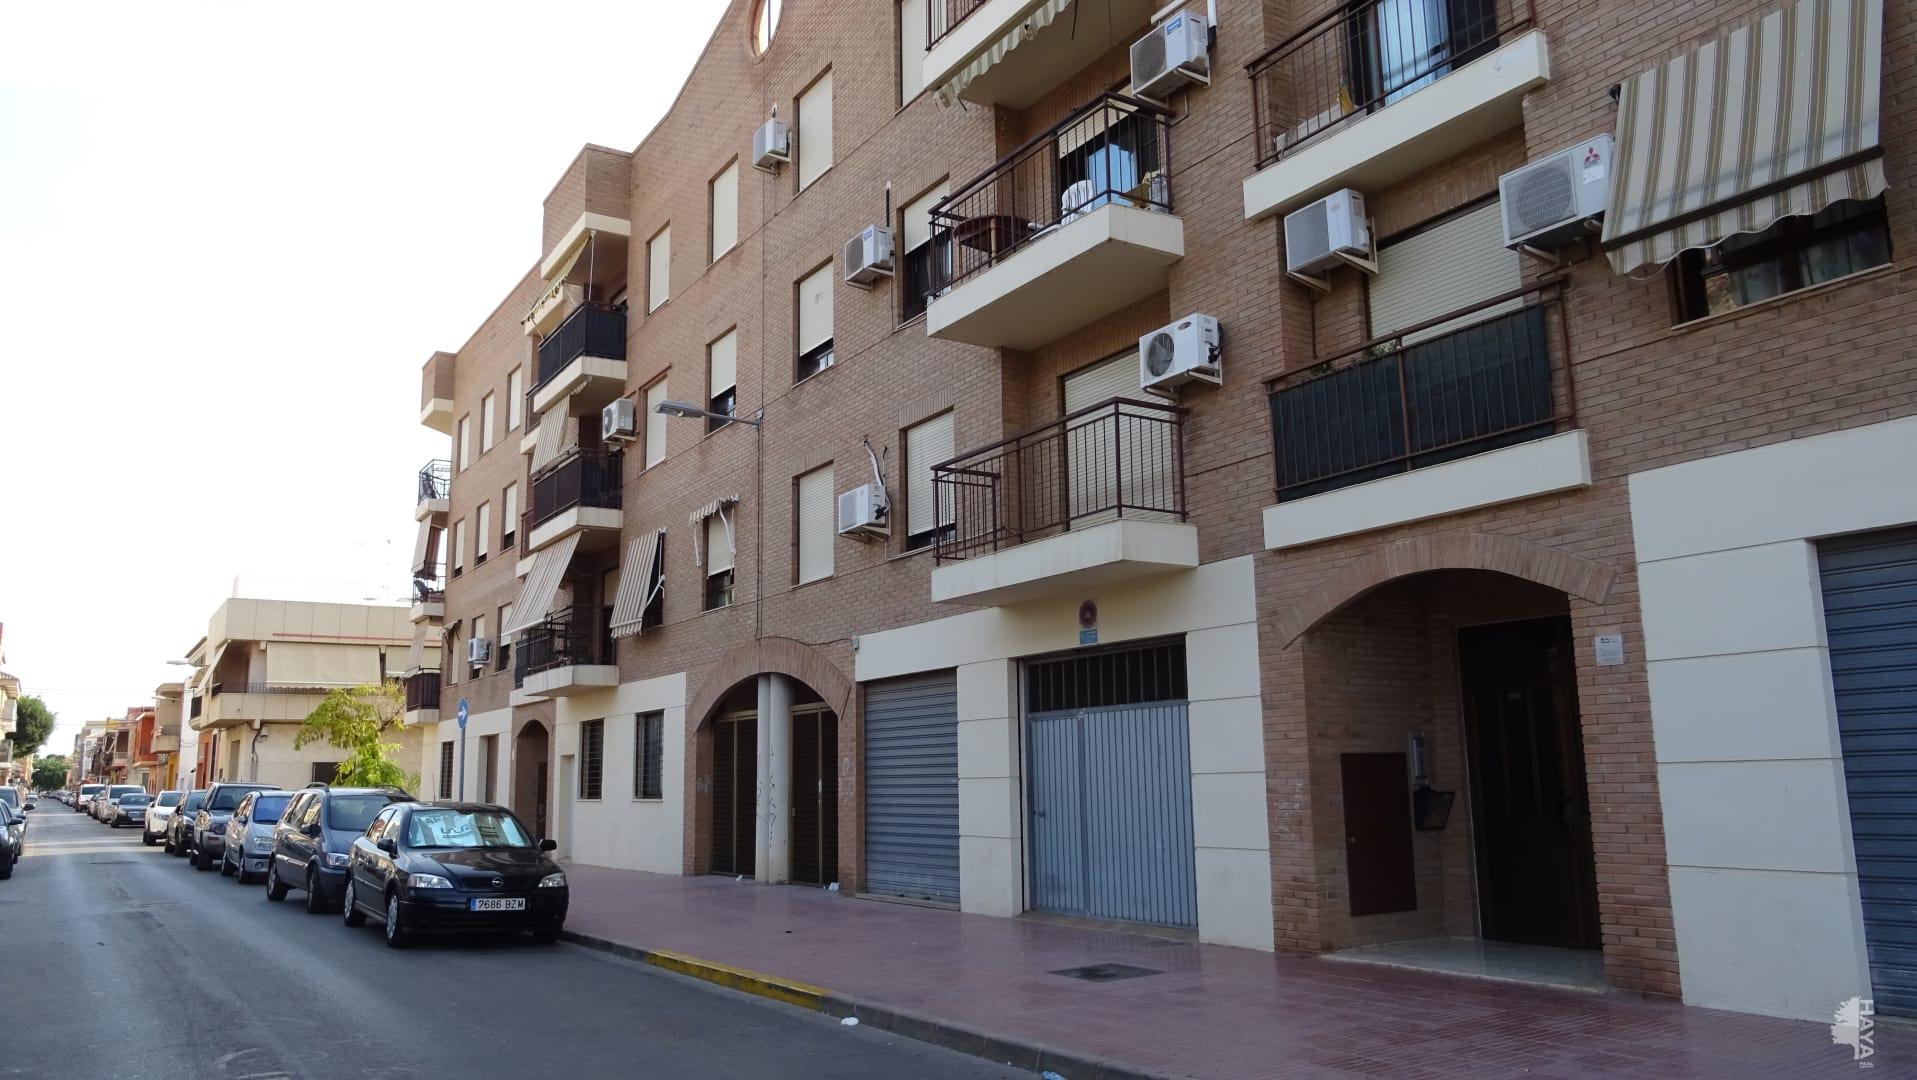 Piso en venta en Puçol, Valencia, Calle Palleter, 109.249 €, 3 habitaciones, 1 baño, 106 m2